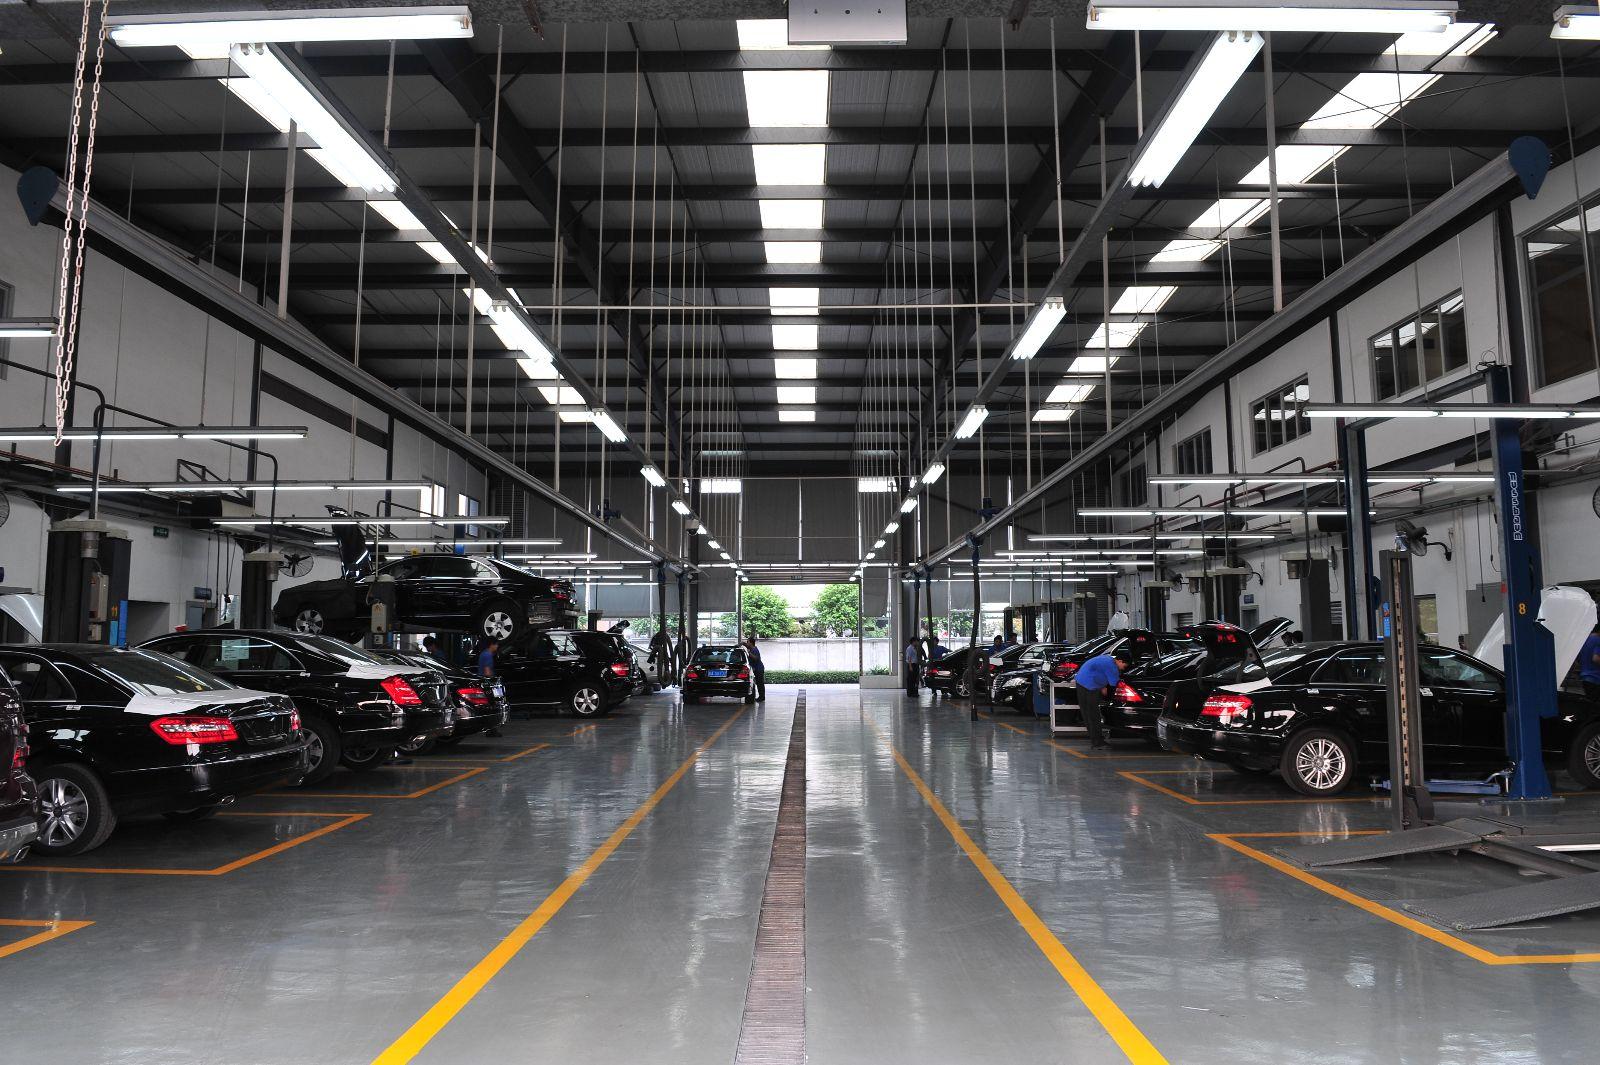 UAE prepares for rating system for car workshops